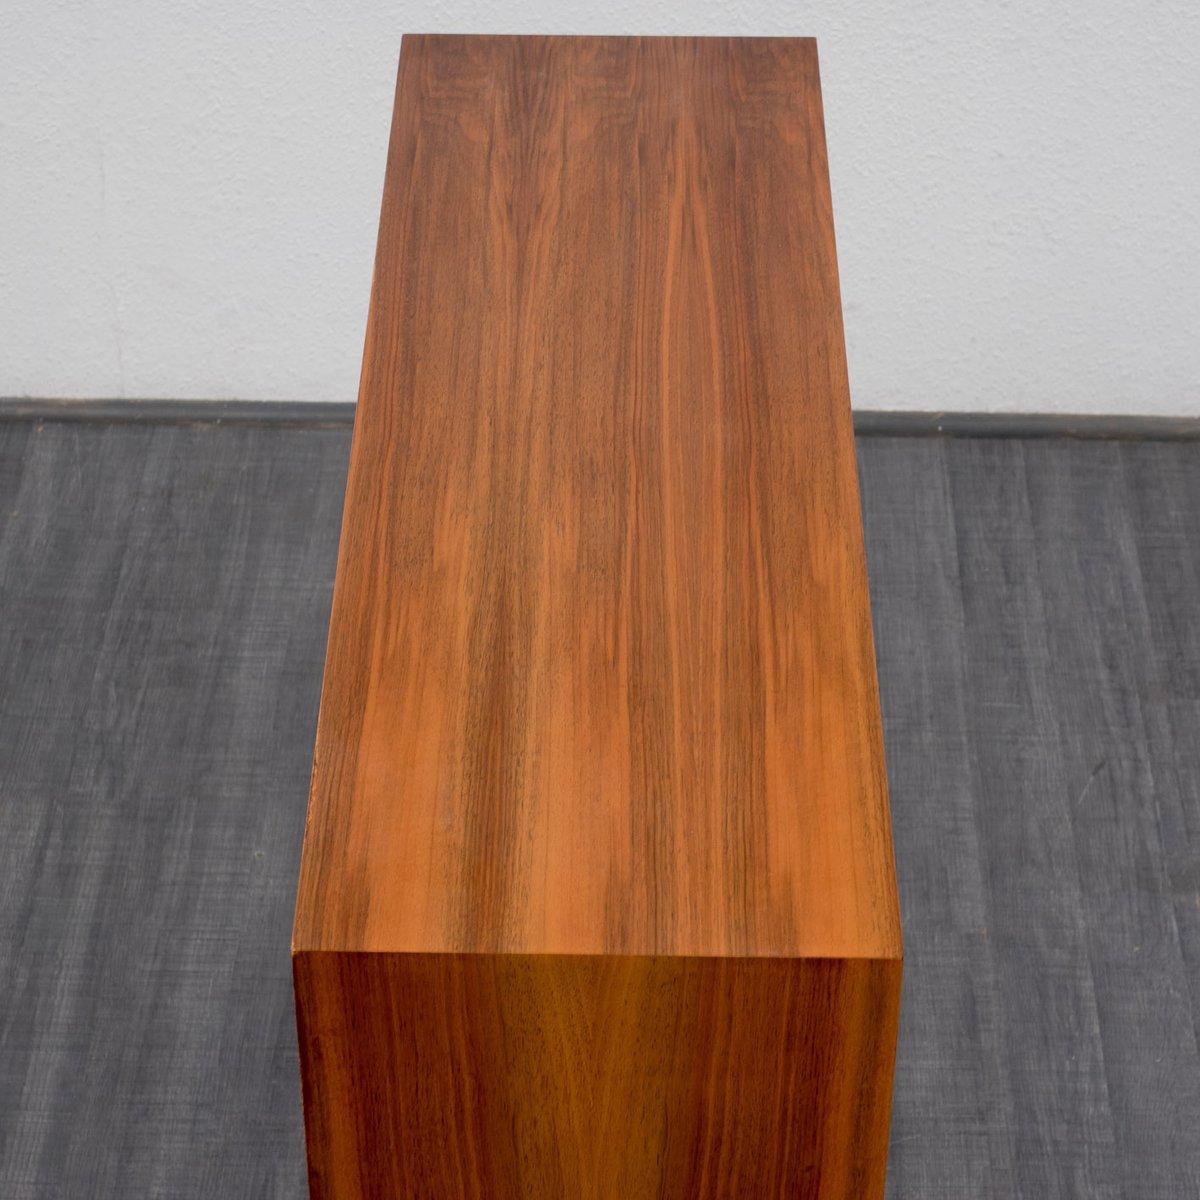 nussholz highboard mit farbigen schrankt ren 1960er bei pamono kaufen. Black Bedroom Furniture Sets. Home Design Ideas